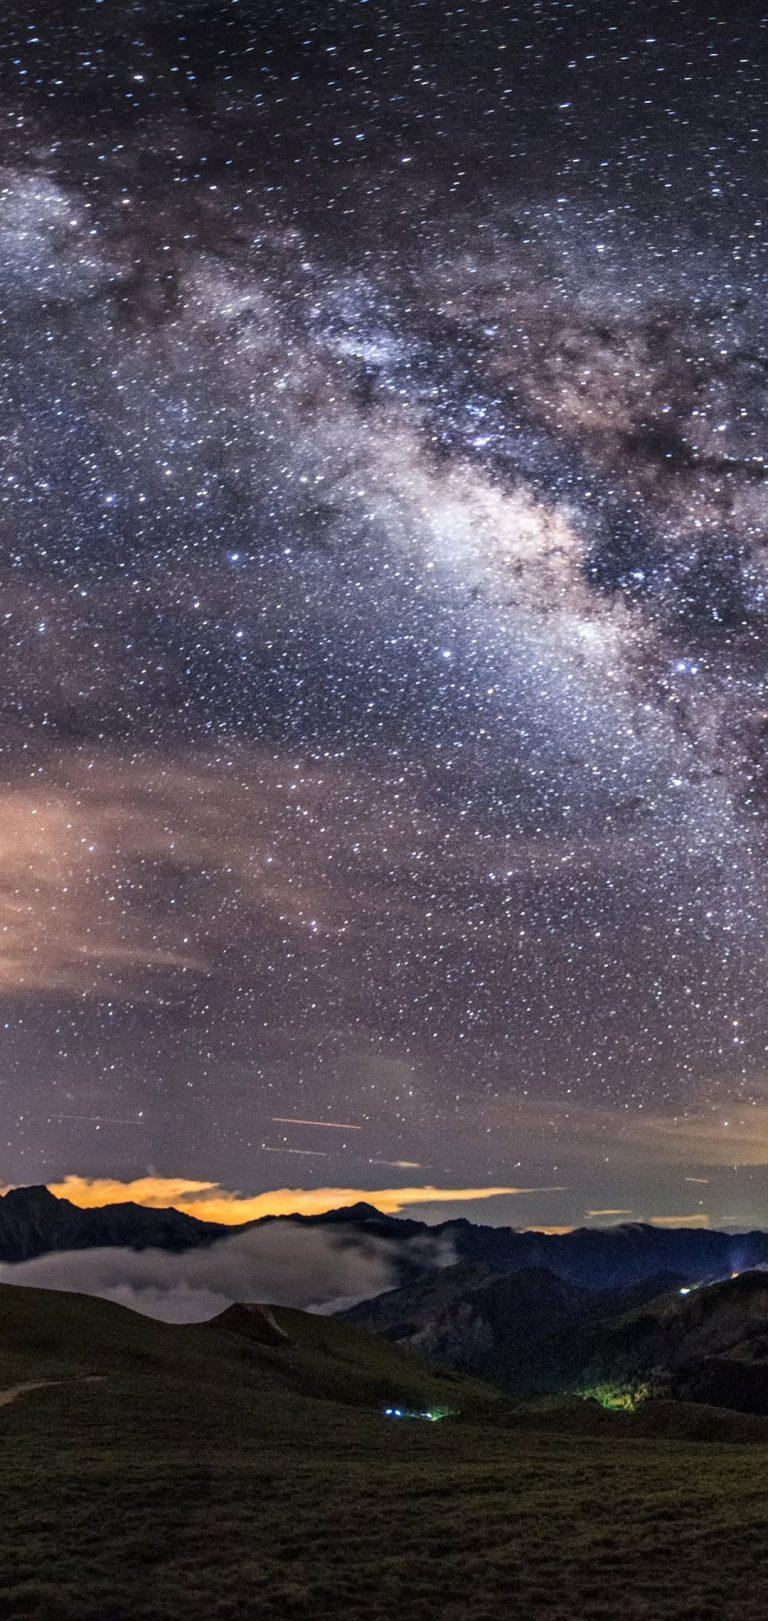 Milky Way Wallpaper 1080x2280 768x1621